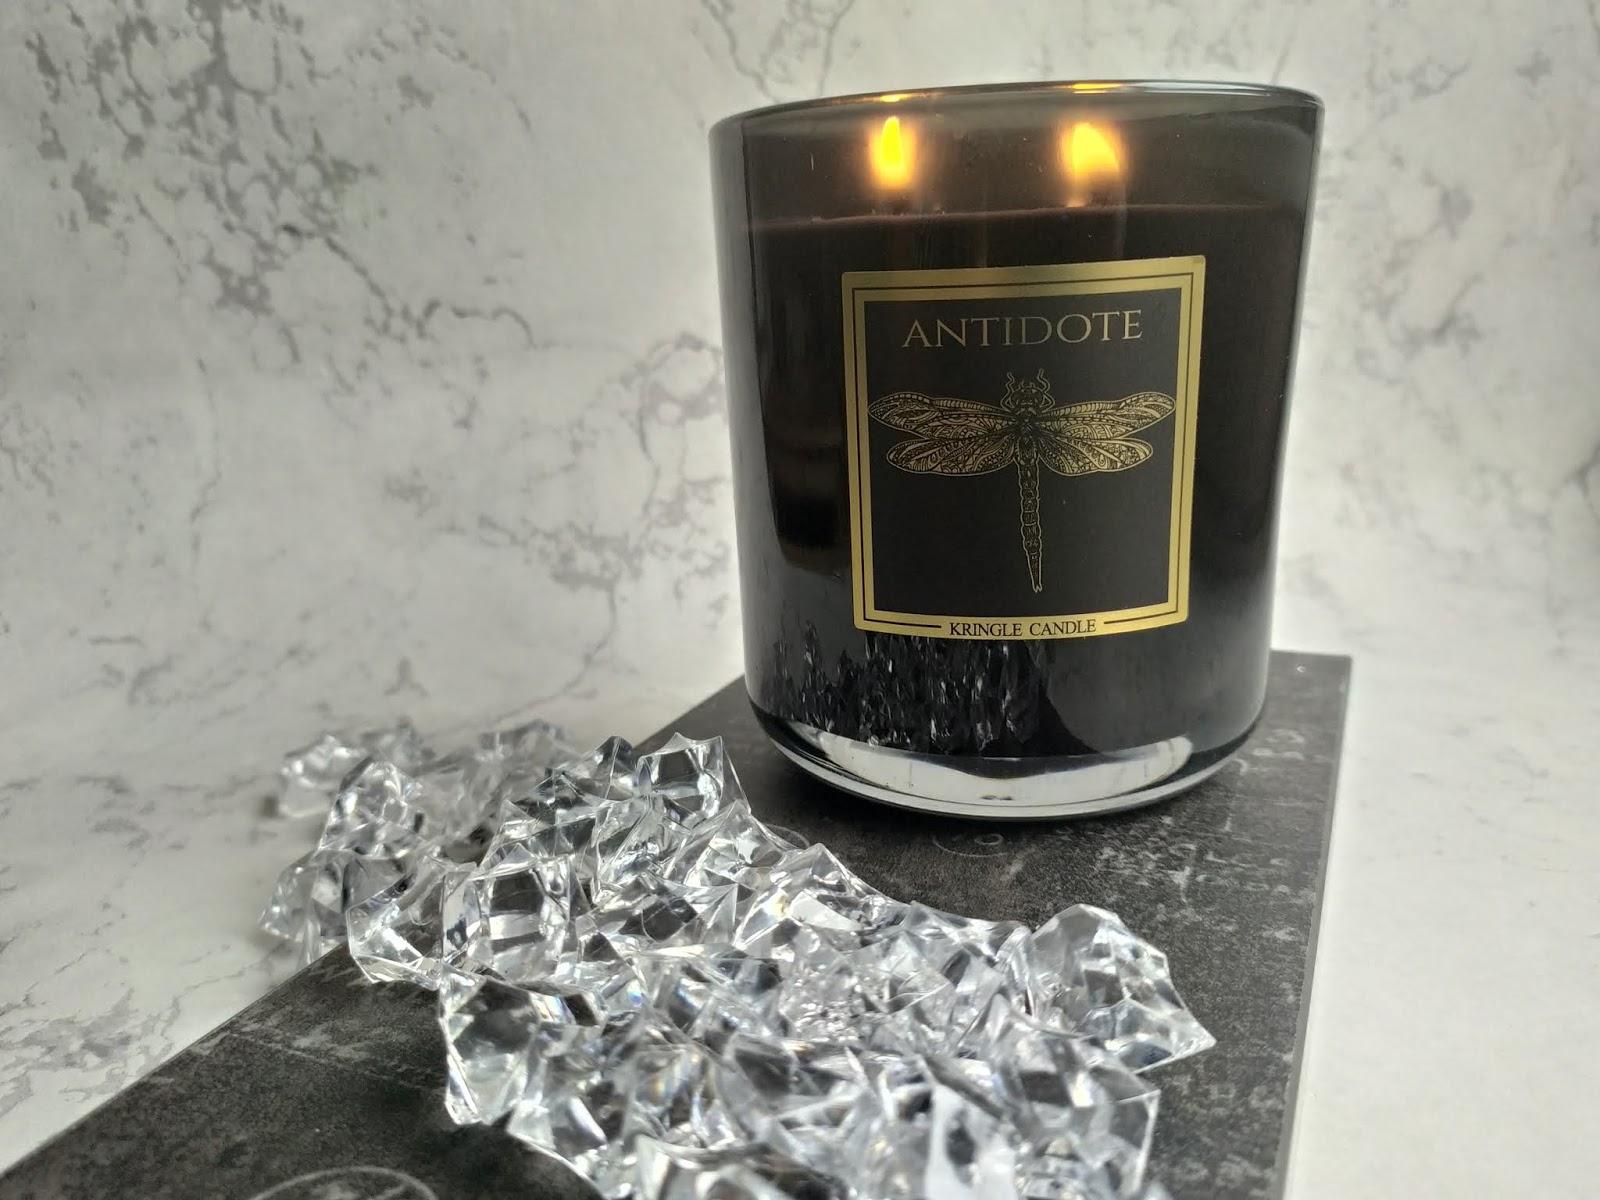 Kringle Candle Black Line ANTIDOTE, Kringle Candle, Świeca zapachowa, świeca, blog o świecach, świeca recenzja, recenzja, Antidote, ważka, limited collection, black line,  blog o świecach